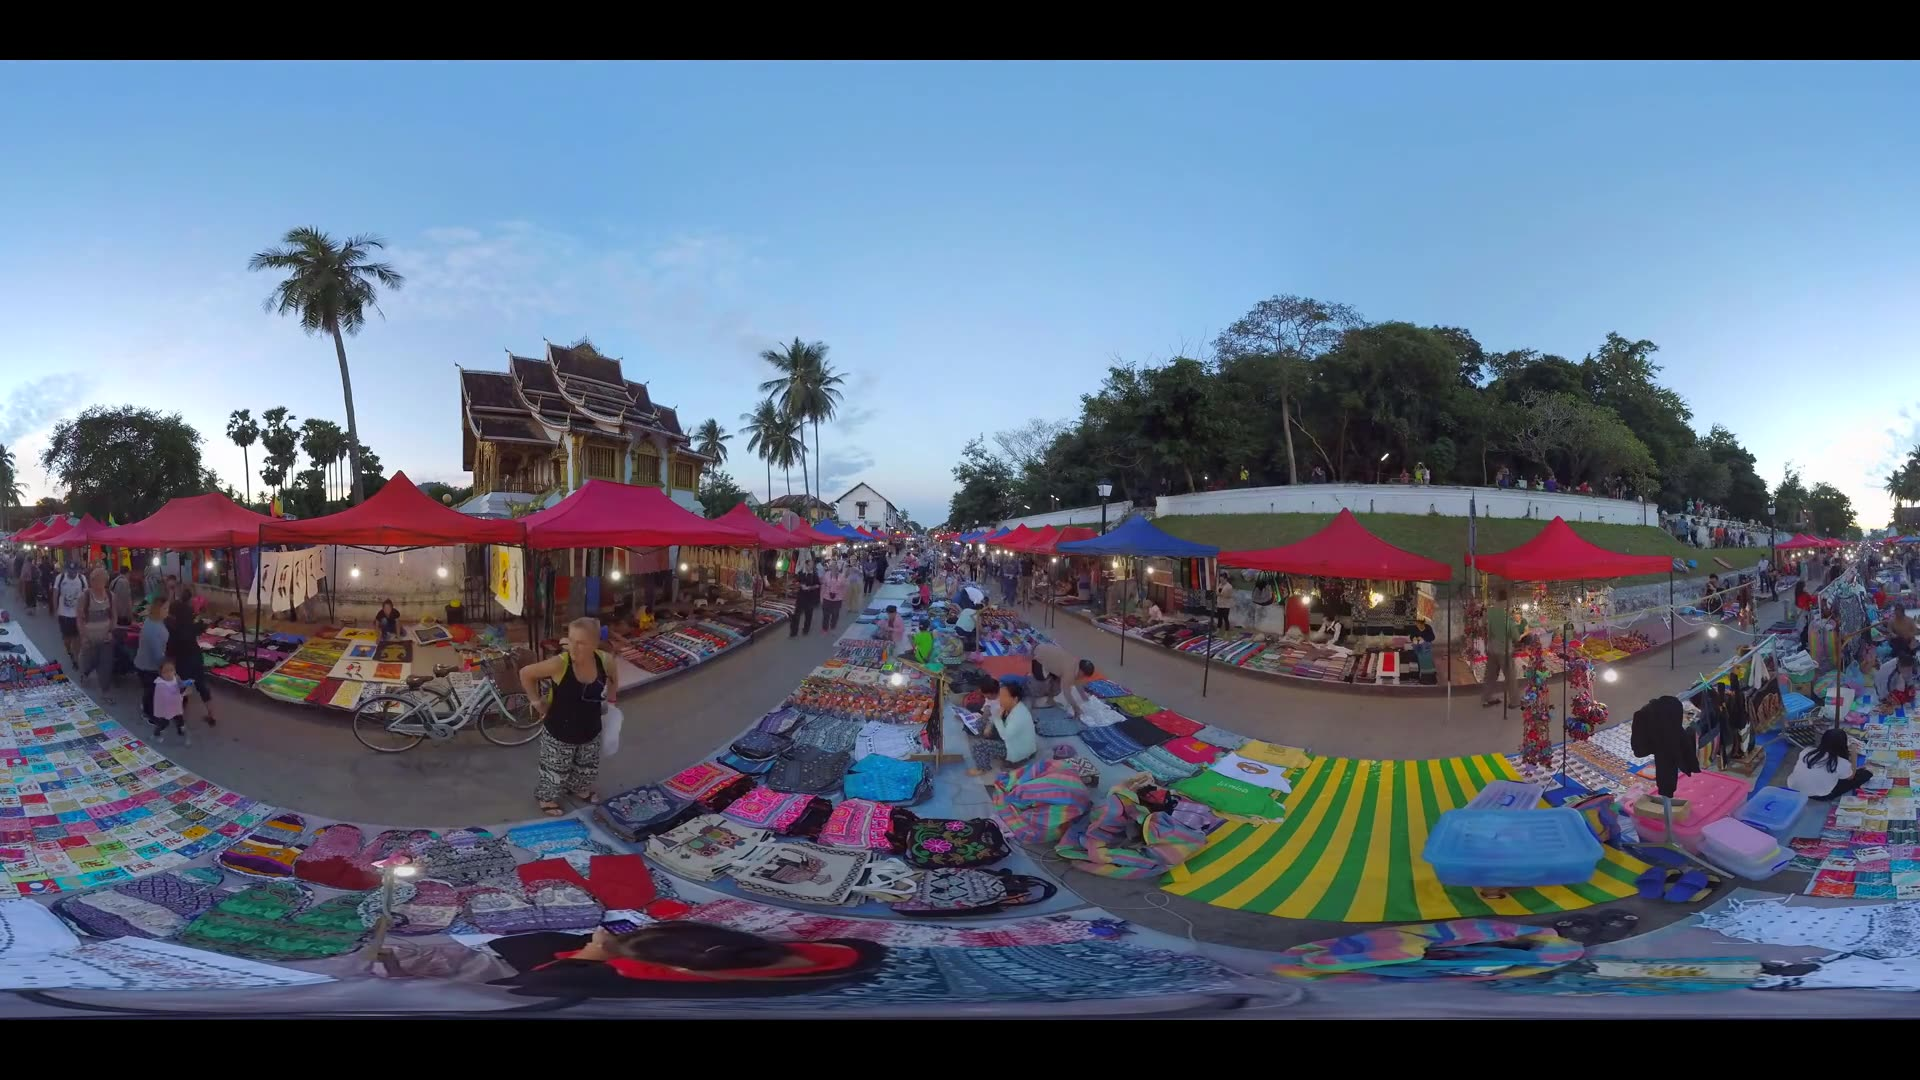 Luang Prabang Night Market 360 VR Timelapse